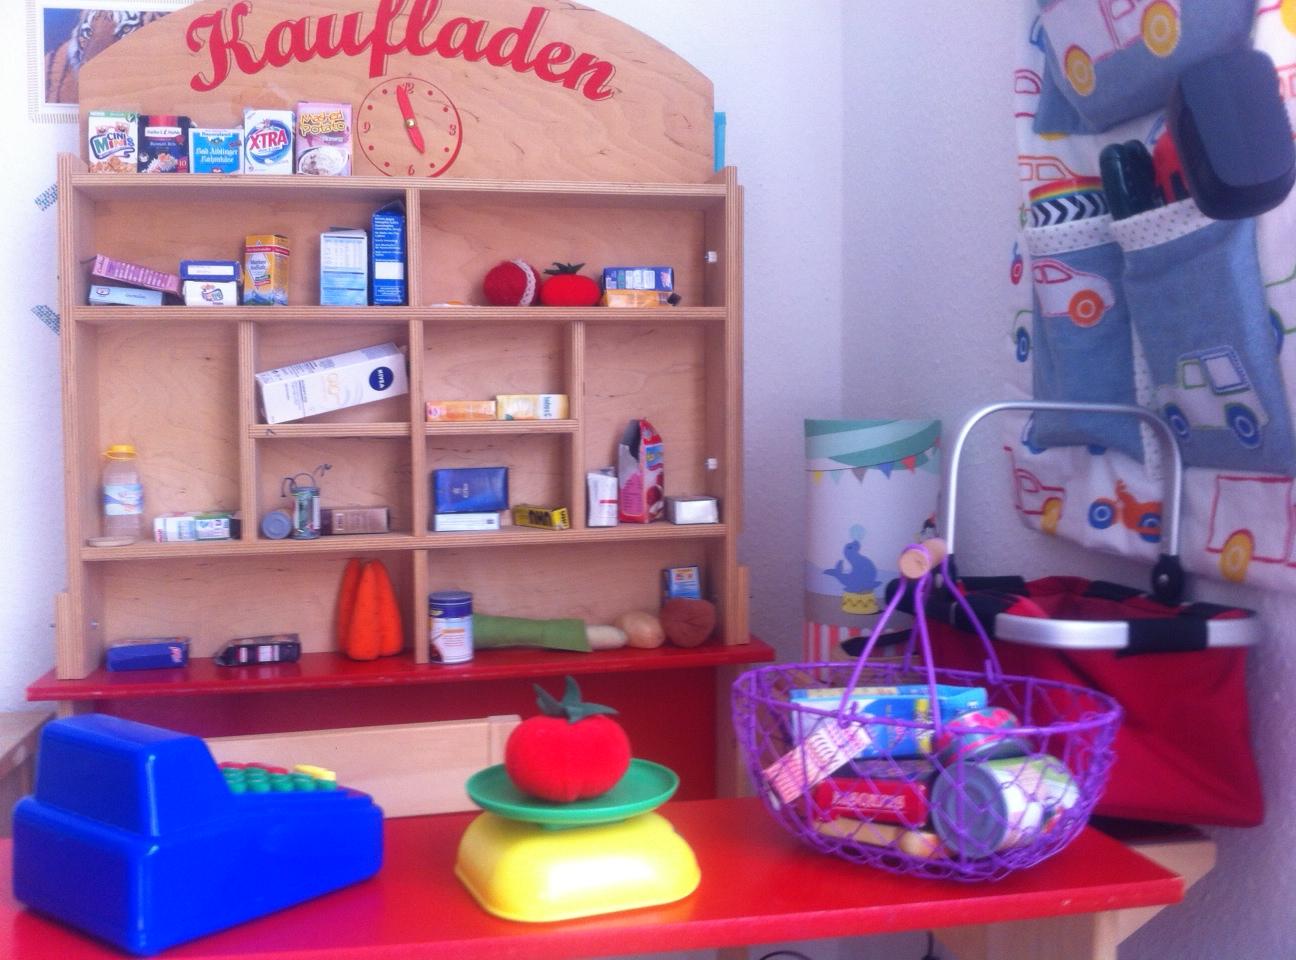 bullshitbingo mit kindern einkaufen gehen immer wieder ein gro er spa ganz normale mama. Black Bedroom Furniture Sets. Home Design Ideas